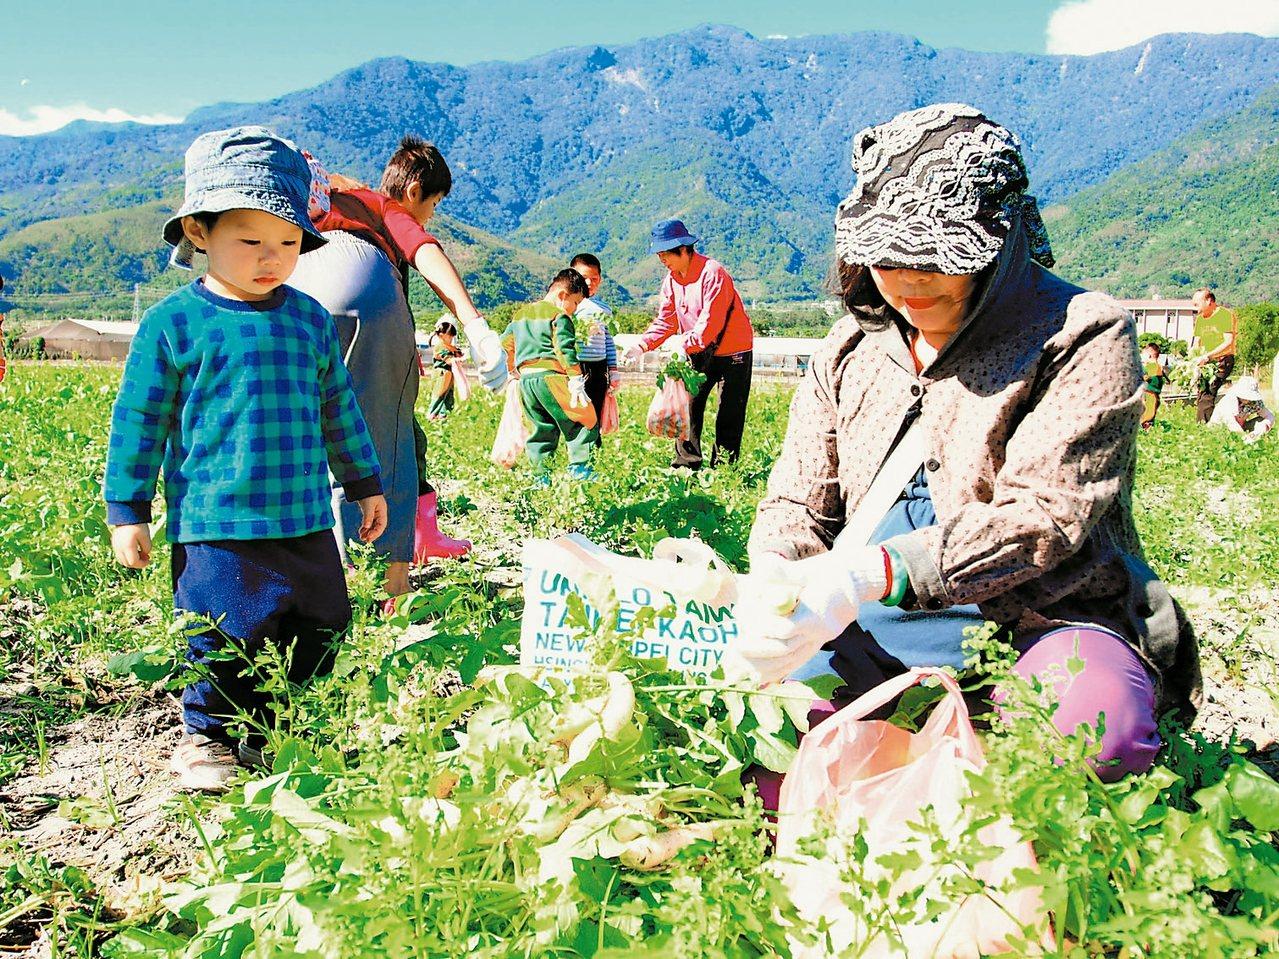 小朋友在家長的帶領下,下田體驗拔蘿蔔的田園樂趣。 記者潘俊偉/攝影